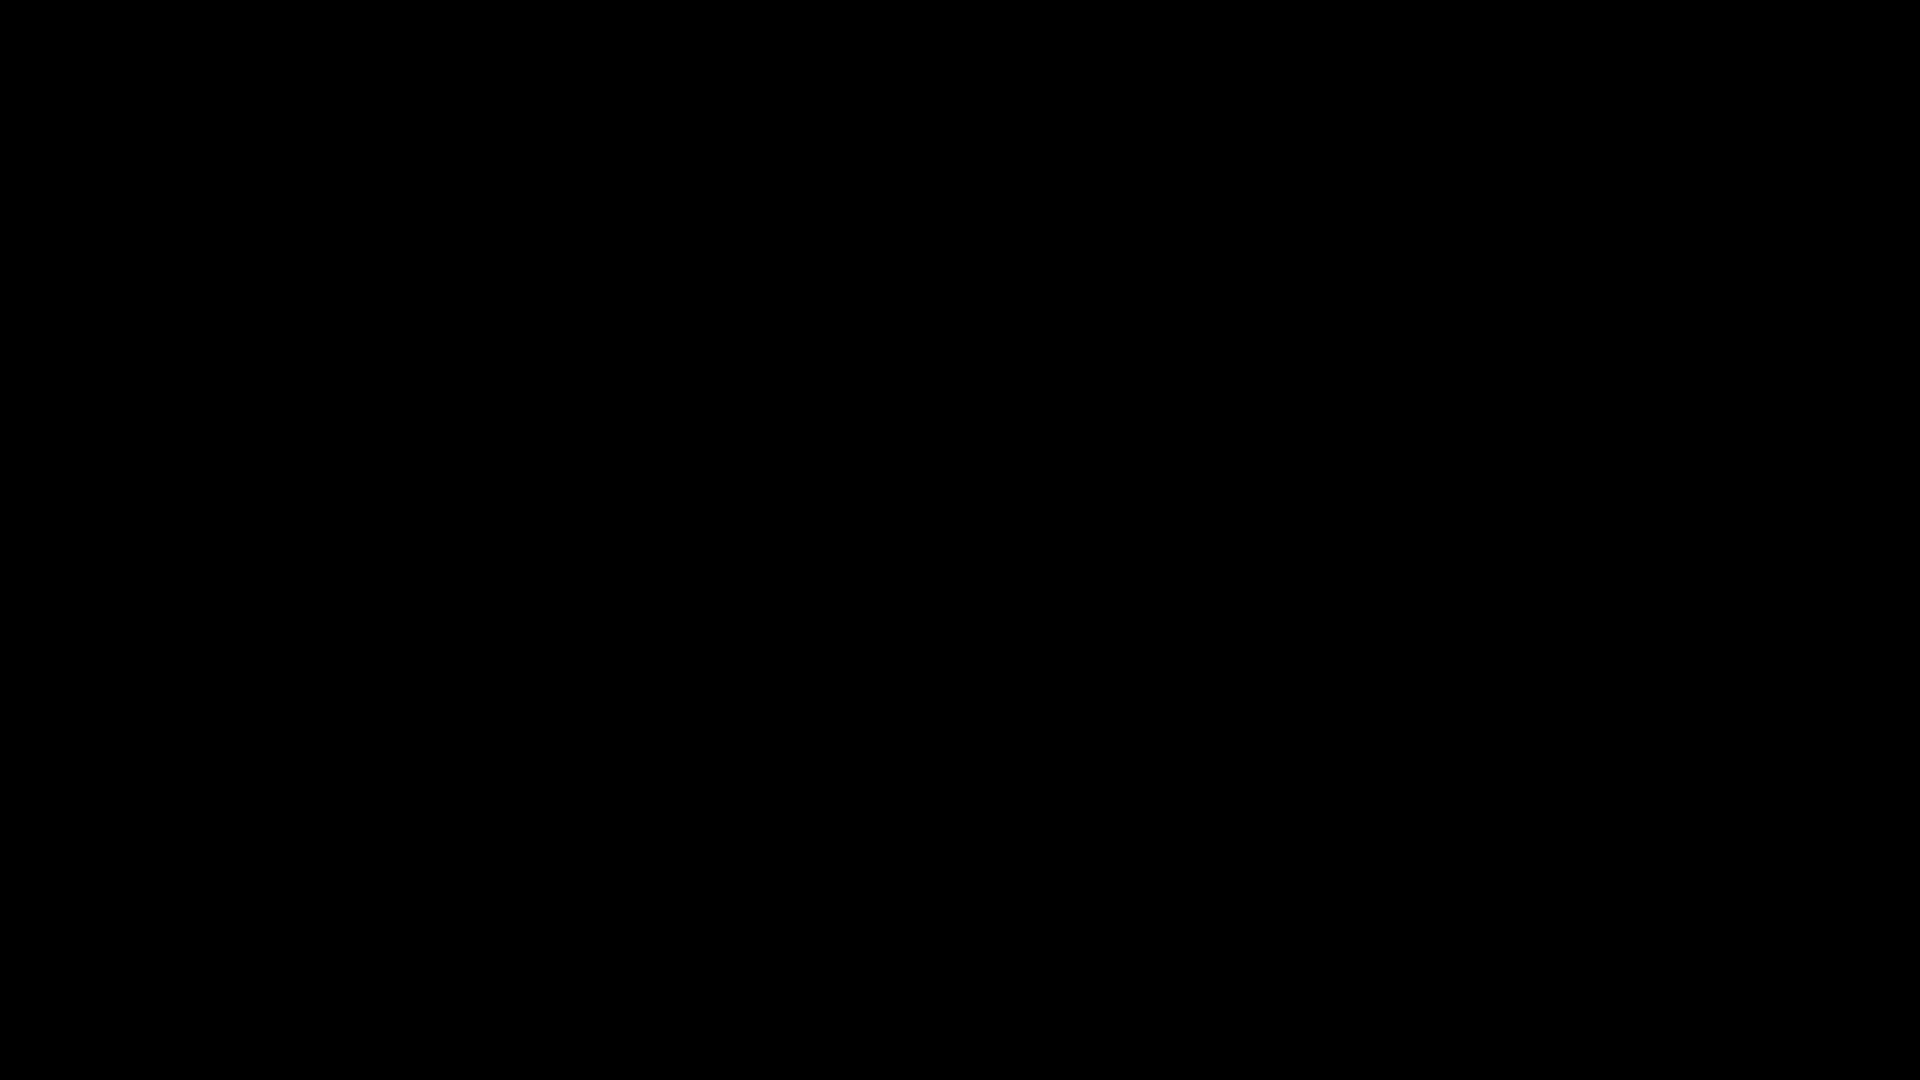 دوستان شاد درختی قسمت 60-فصل 3 قسمت 3- سال 2007 تا 2013- لینک تمام قسمت ها در توضیح زیر این ویدیو است